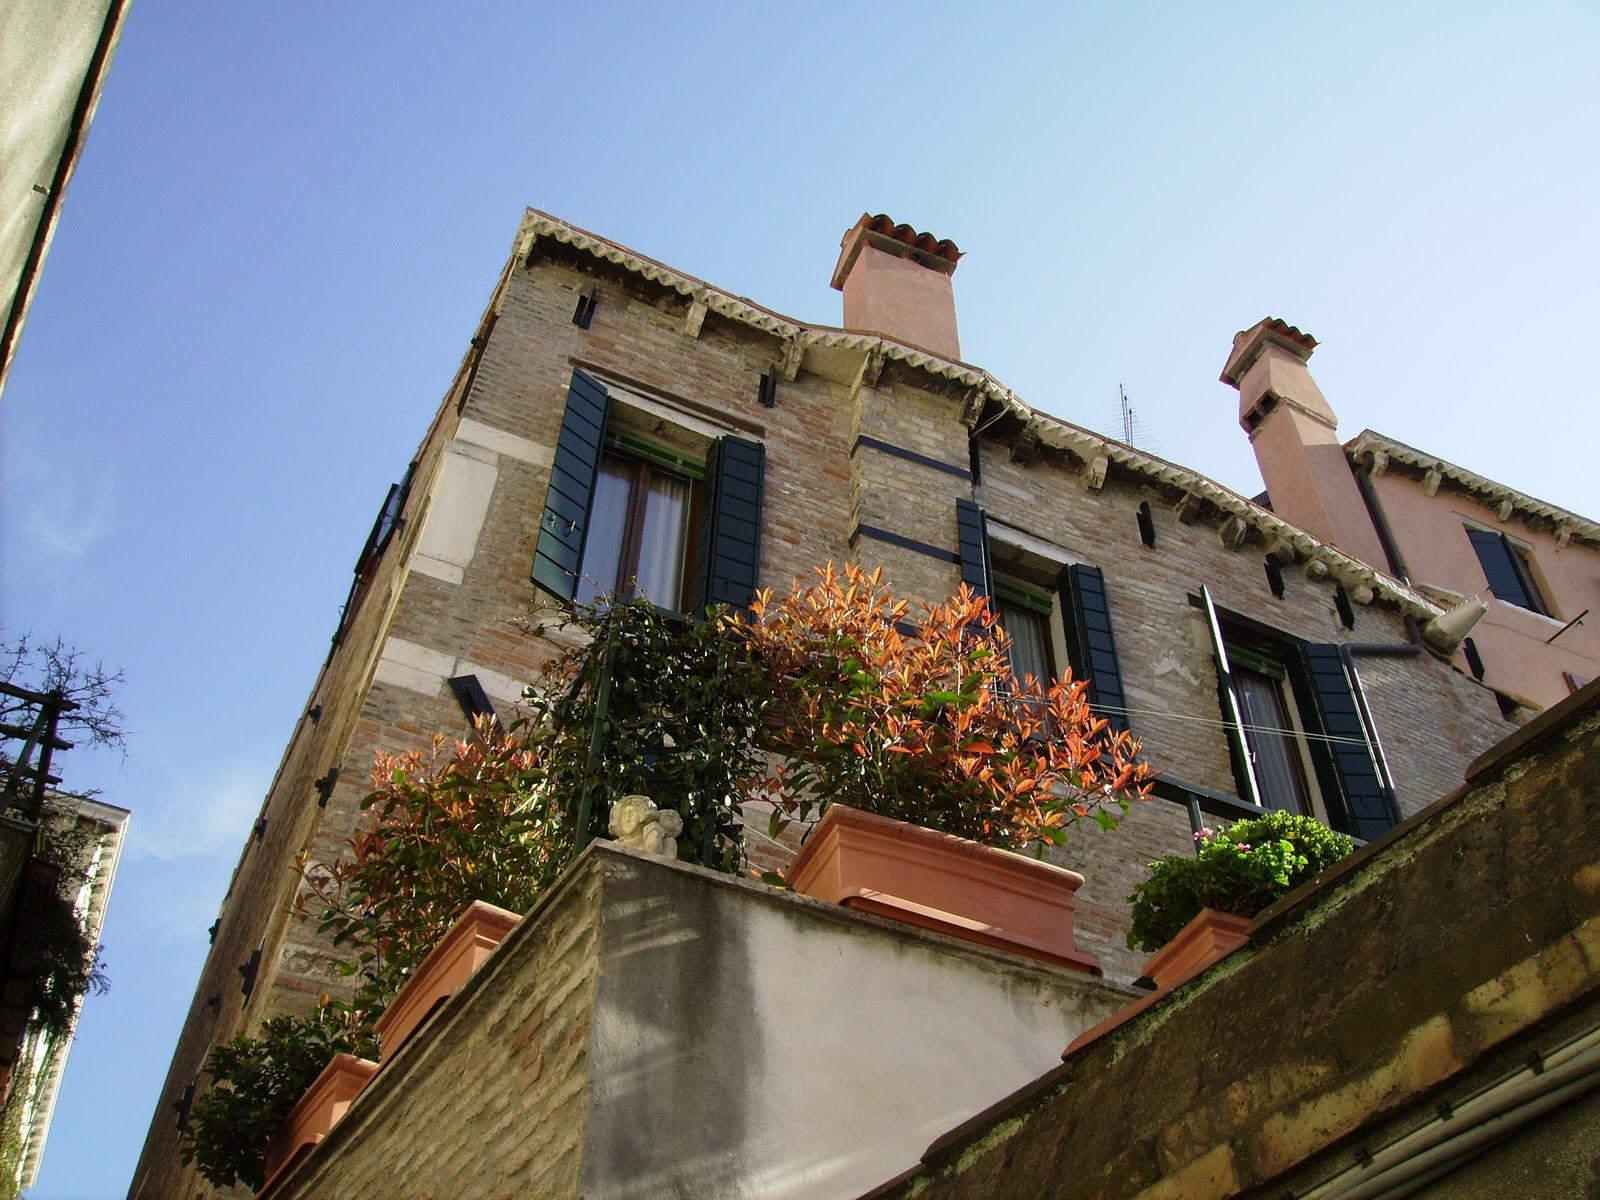 Las chimeneas de venecia a prop sito - Chimeneas de ocasion ...